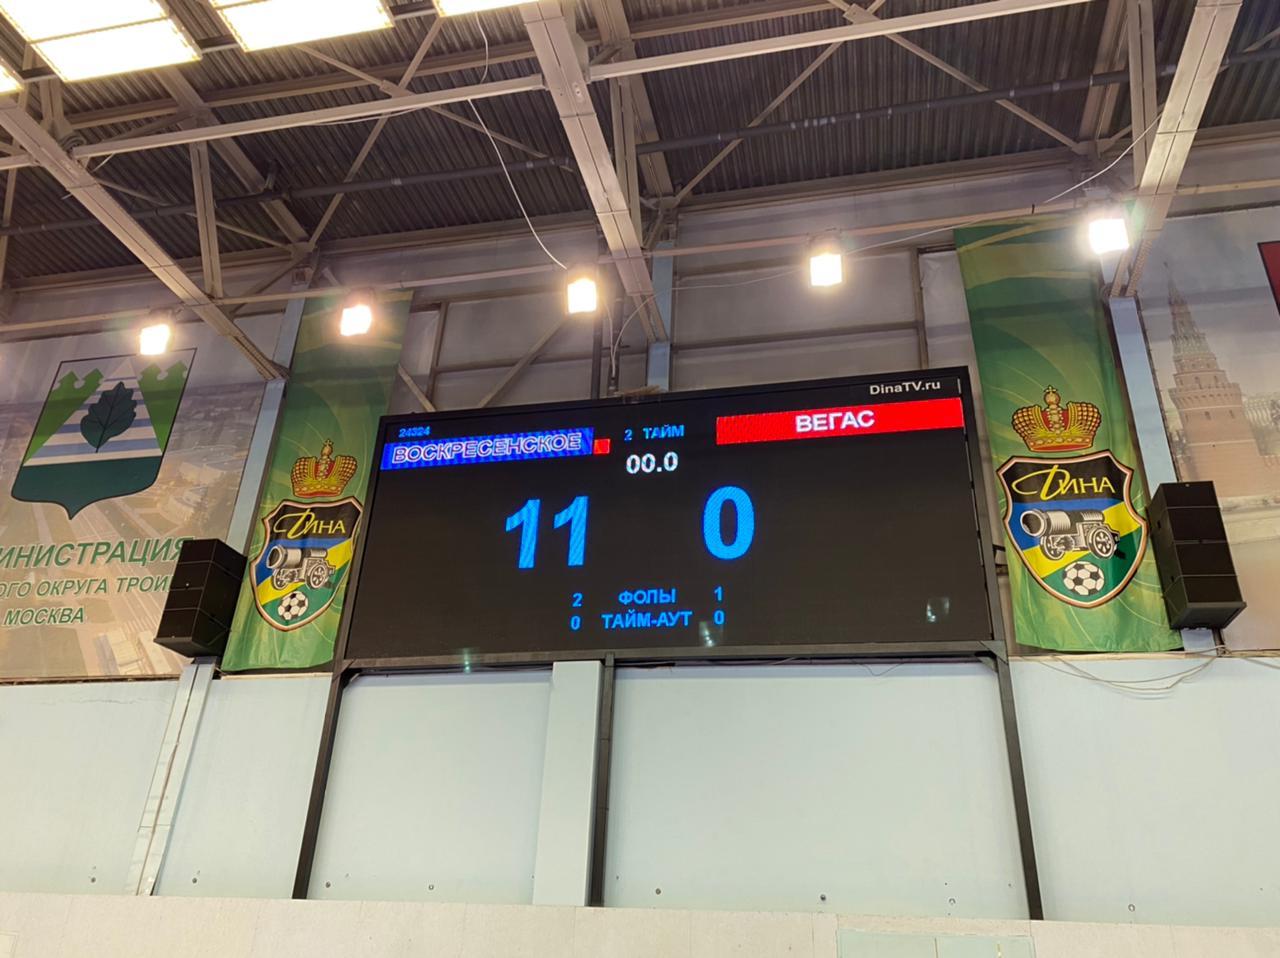 Спортсмены поселения Воскресенское выиграли матч по мини-футболу Открытого турнира